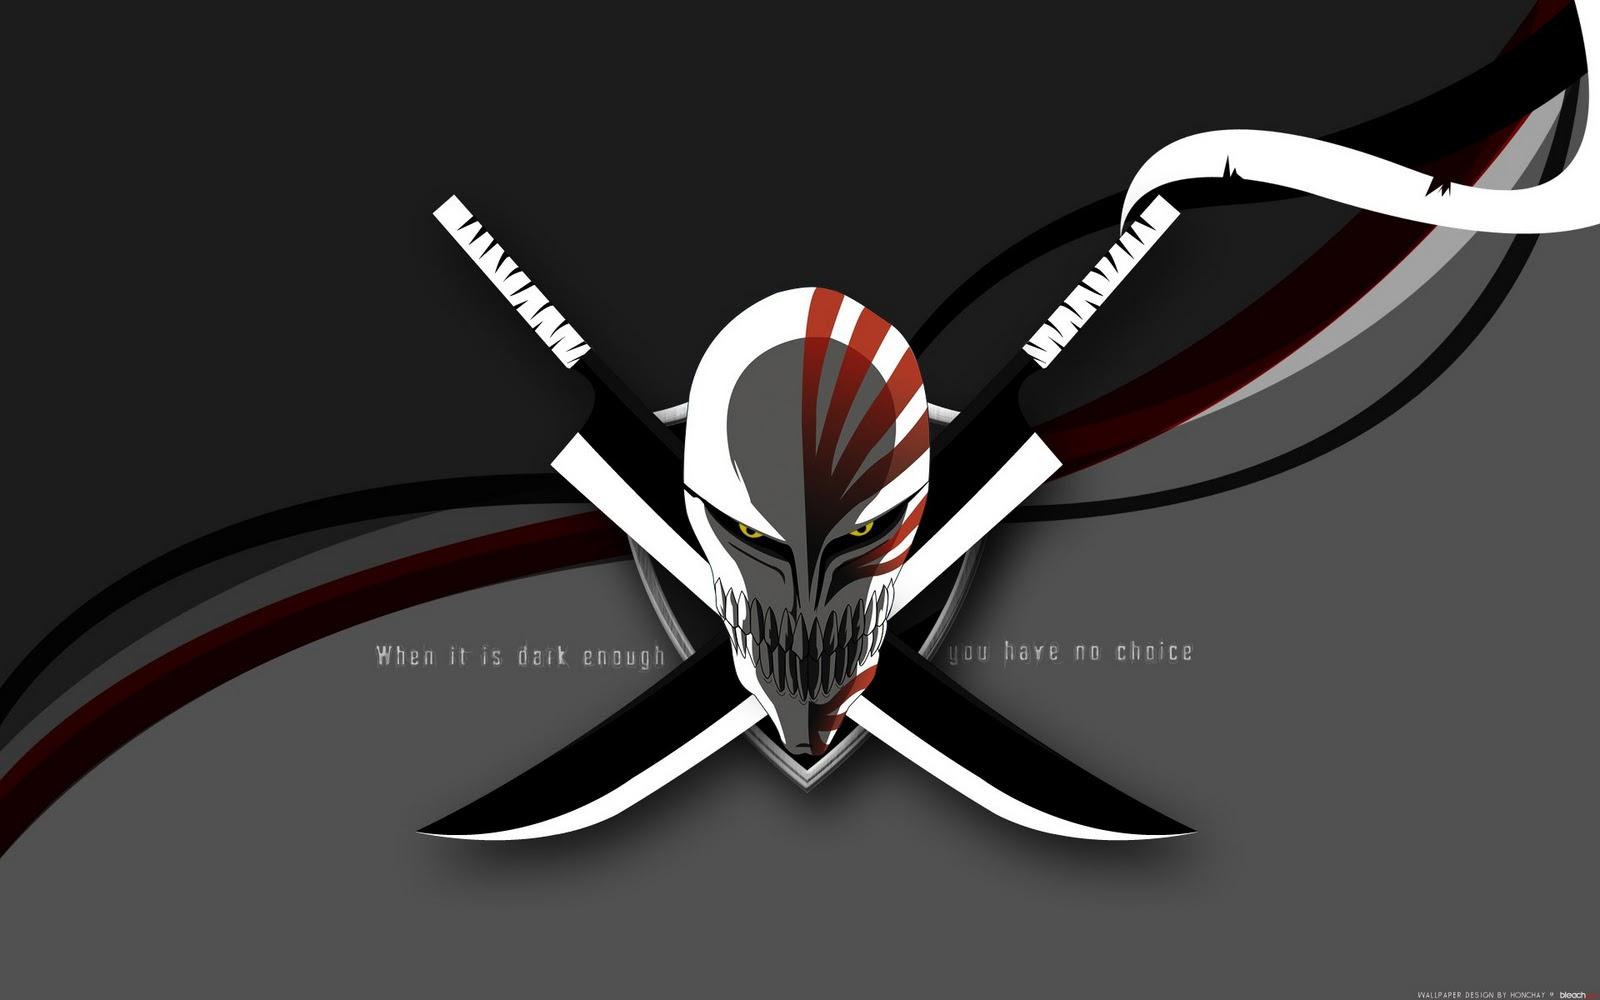 http://2.bp.blogspot.com/-fZ_ntV_RZP4/T0oNSlyhbaI/AAAAAAAAADk/_axnH0lx-GI/s1600/The-best-top-hd-desktop-bleach-wallpaper-bleach-wallpapers-30.jpeg